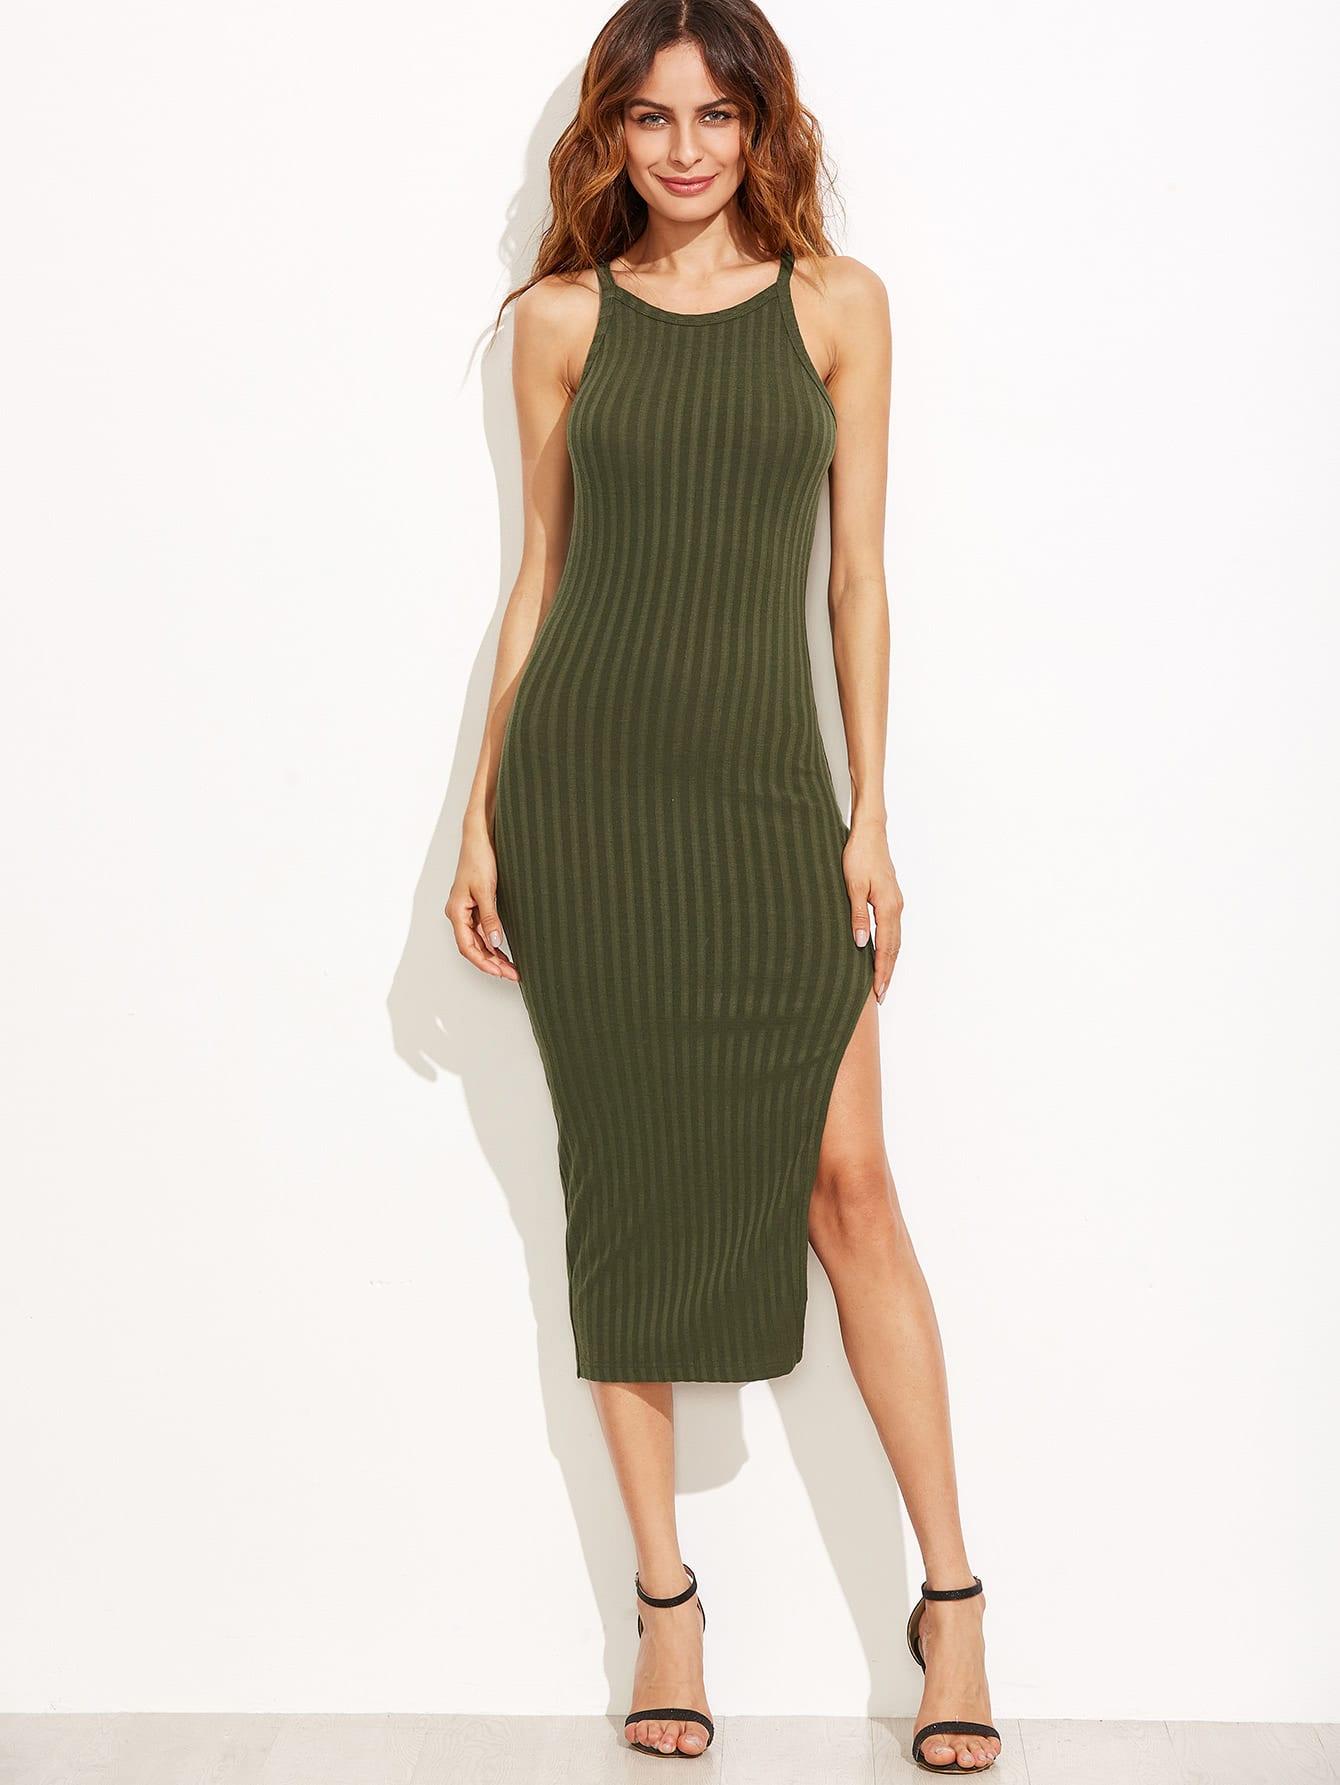 dress160907701_2